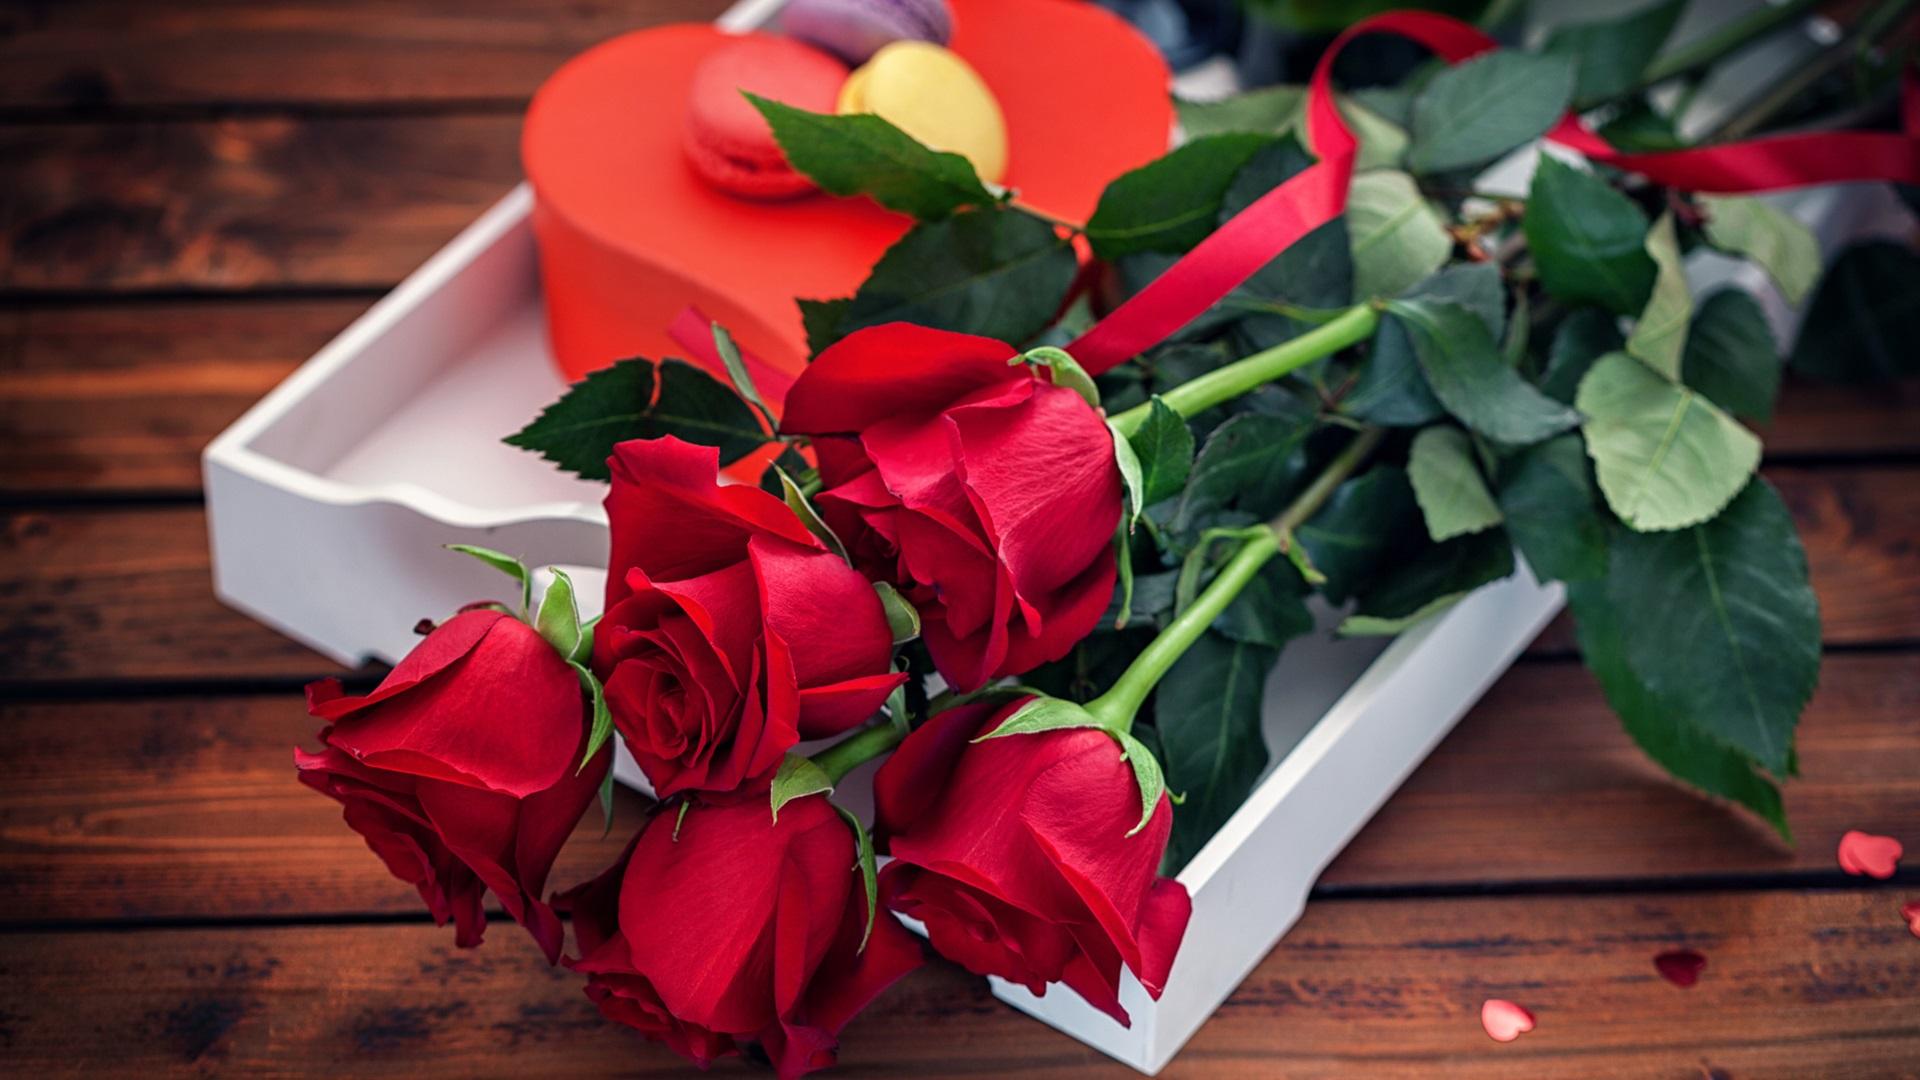 Fonds D Ecran Fleurs Rose Rouge Bouquet Cadeau Romantique